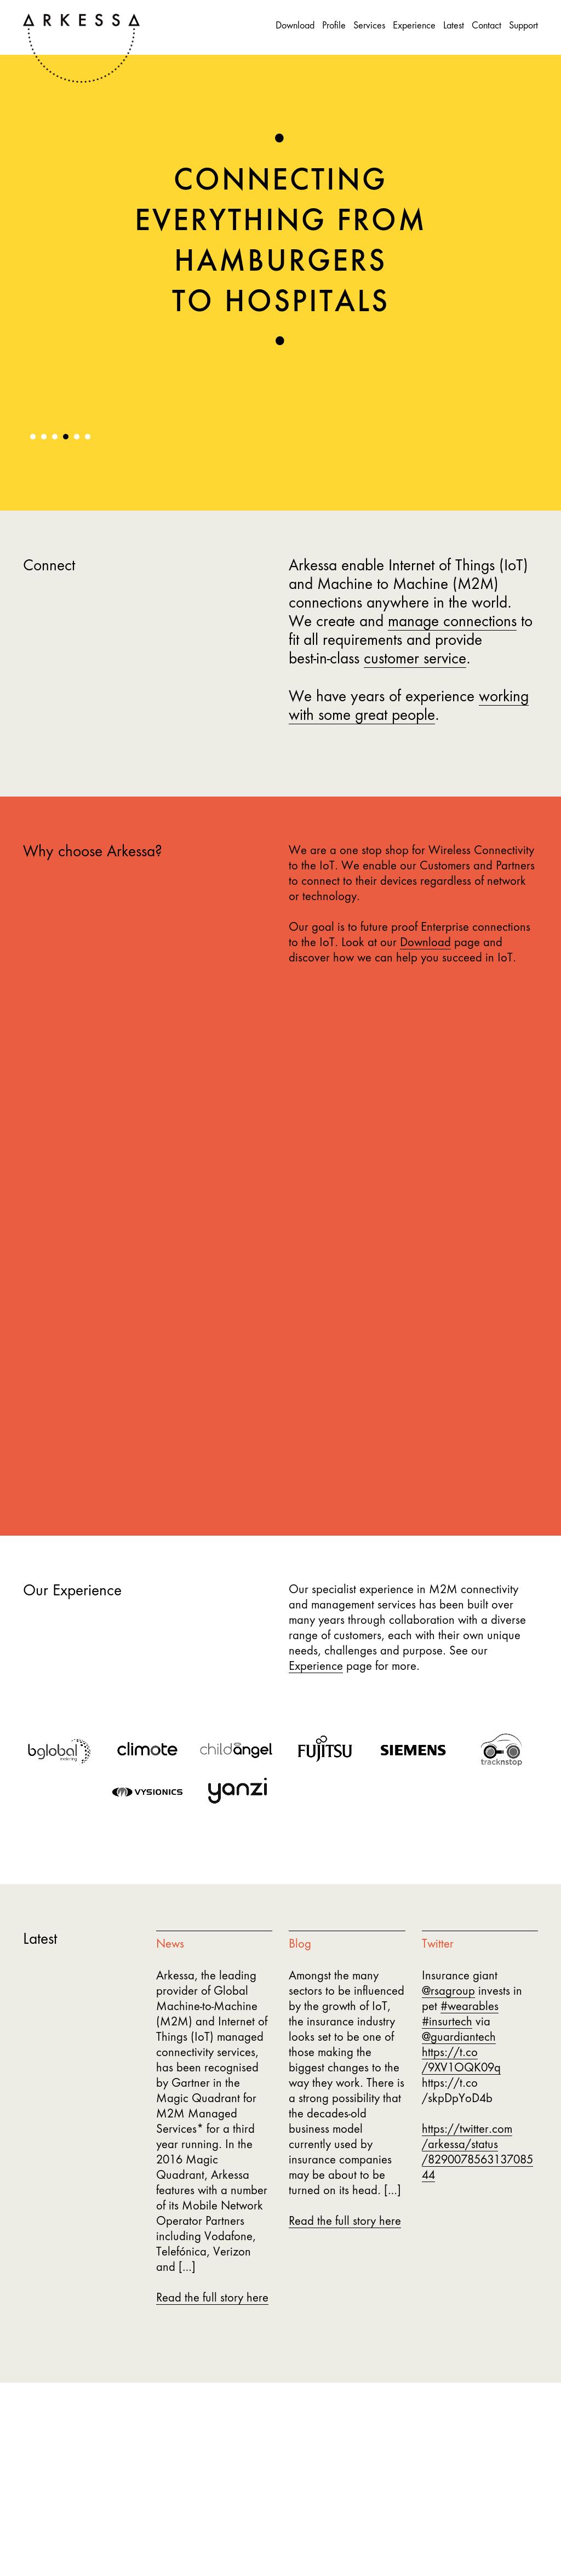 Arkessa Competitors, Revenue and Employees - Owler Company Profile